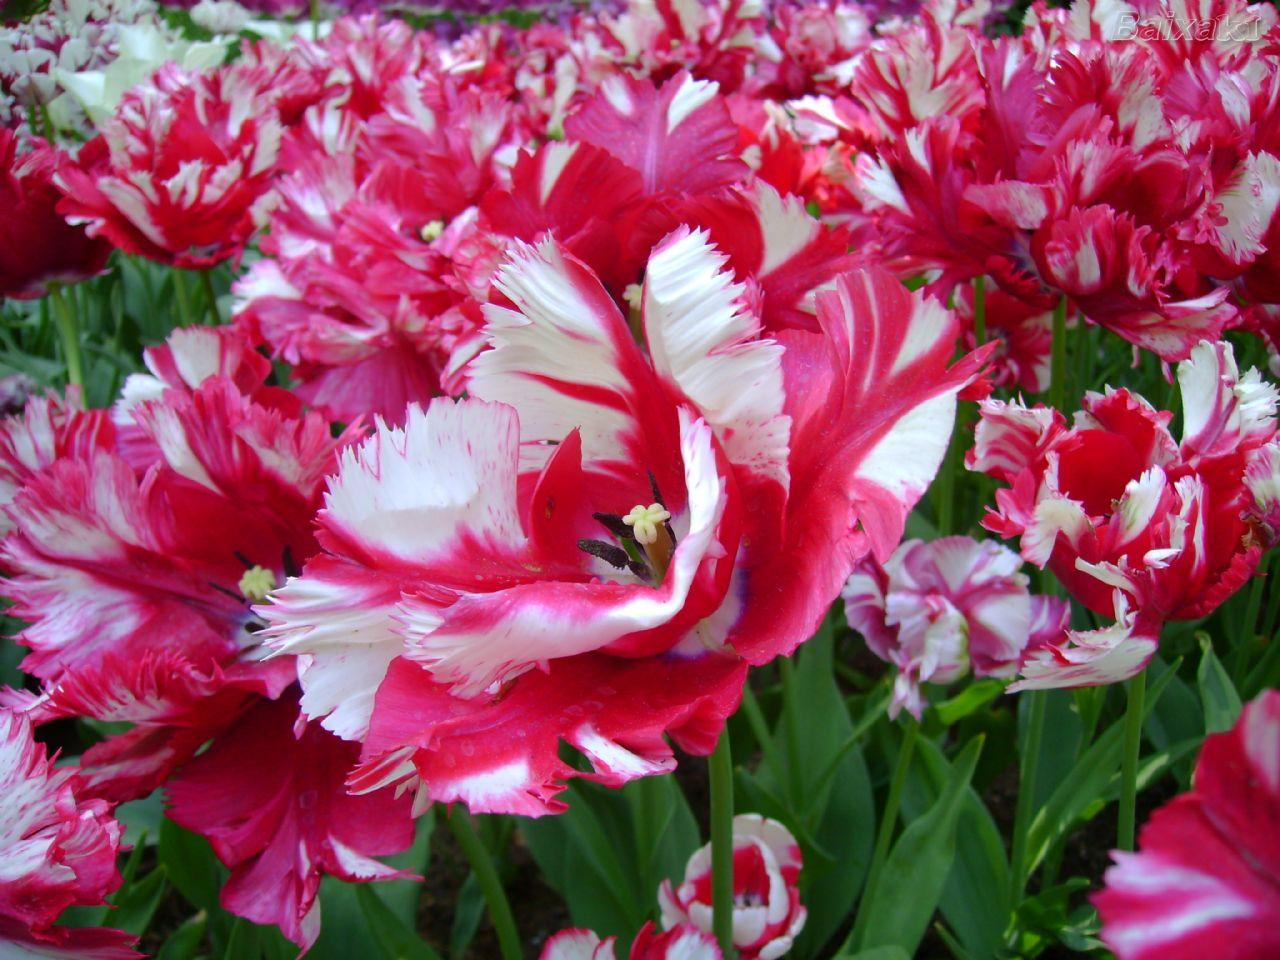 """imagens jardim de rosas:Confira algumas fotos desse descomunal e belo """"Jardim da Europa"""":"""